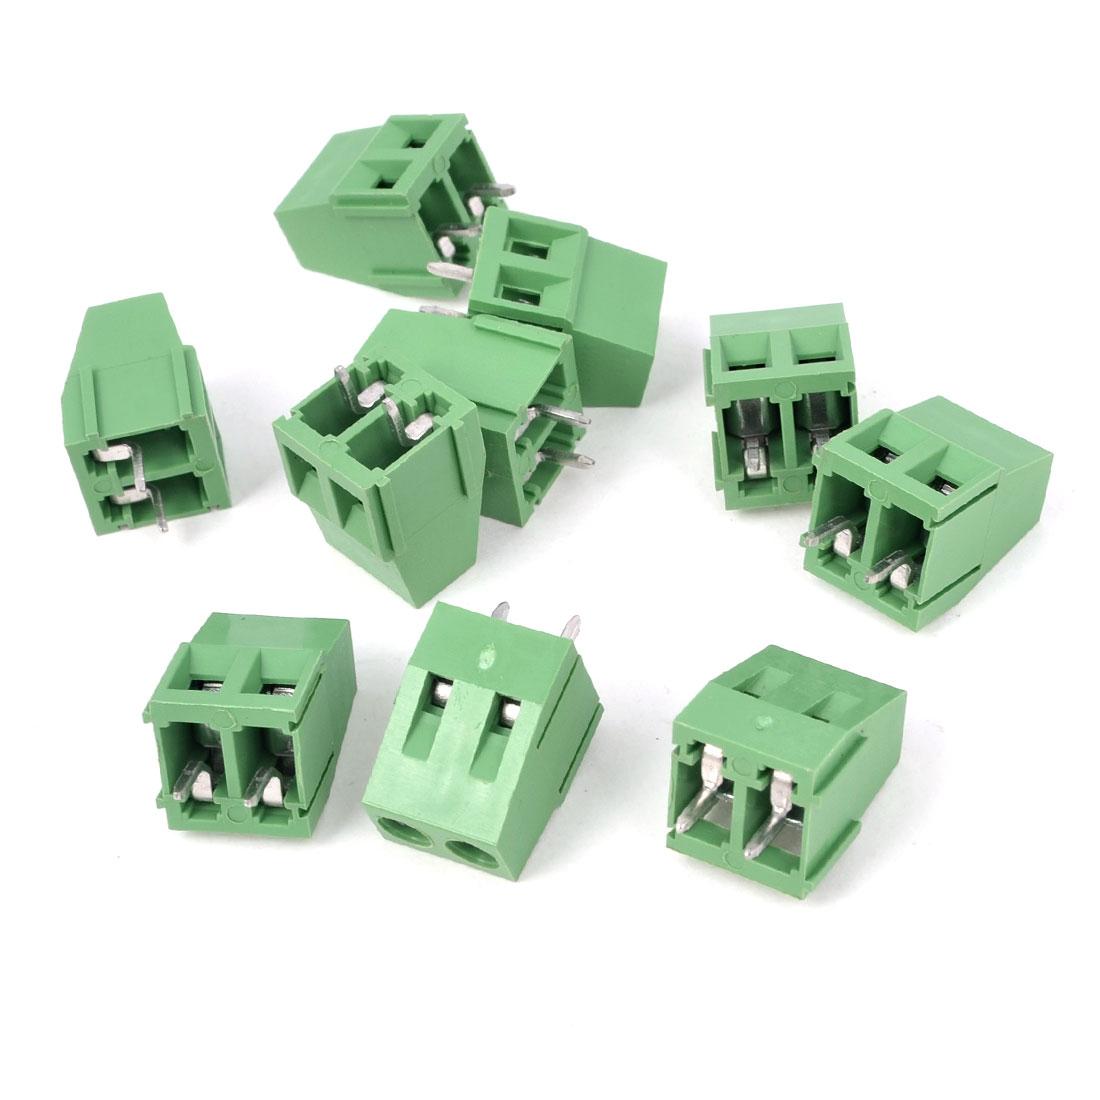 10 Pcs 300V 10A 2P Terminals 5mm Pitch PCB Screw Terminal Block Connector Green